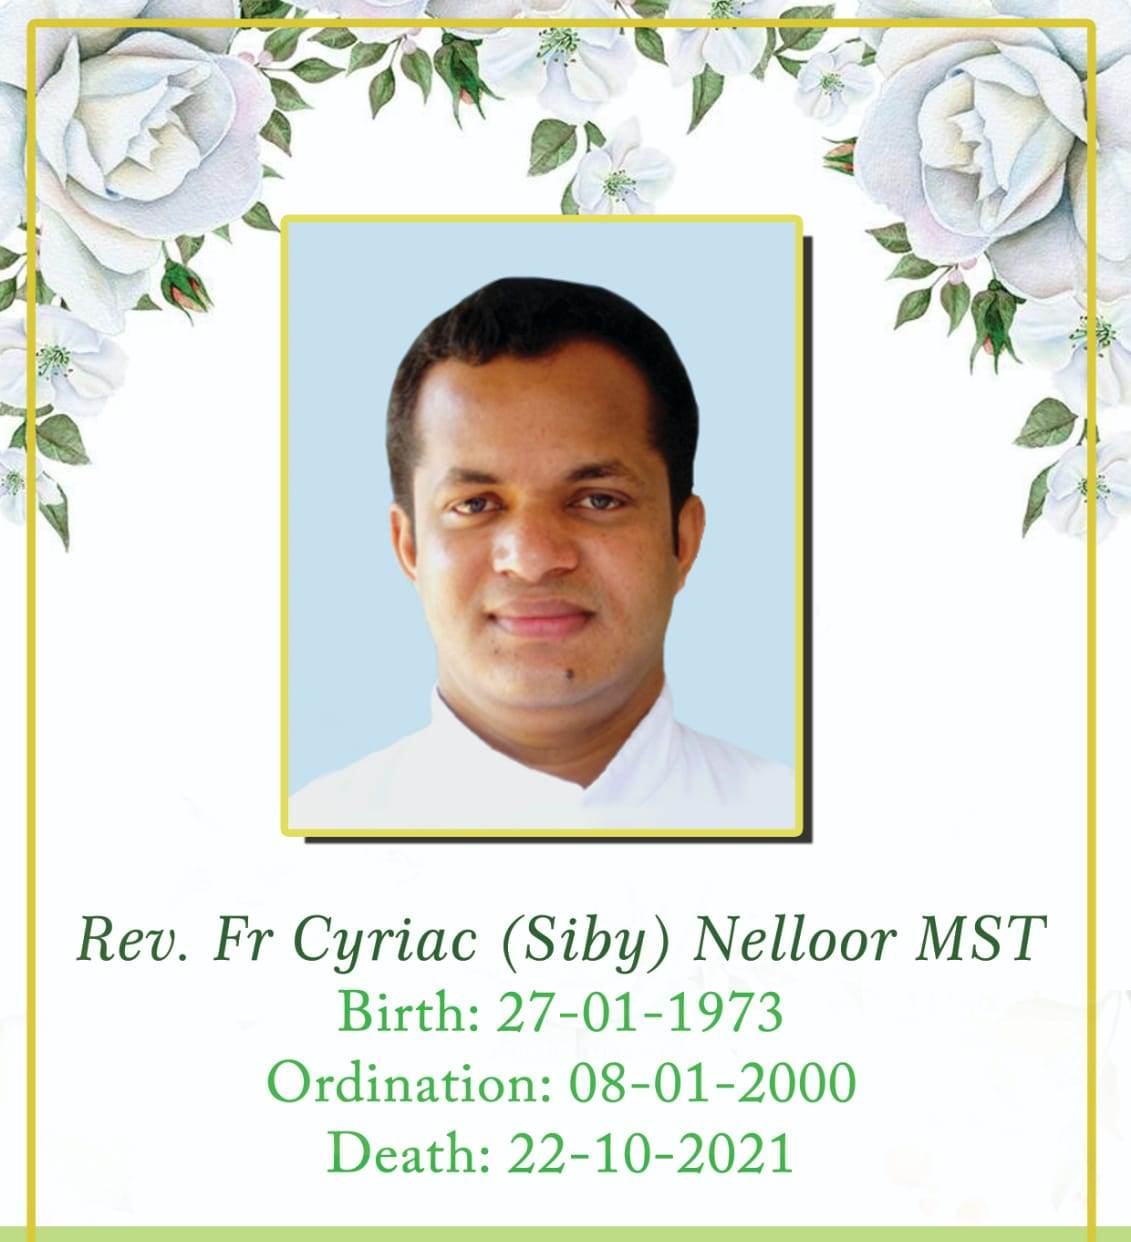 Rev. Fr Siby Nelloor MST Passes Away